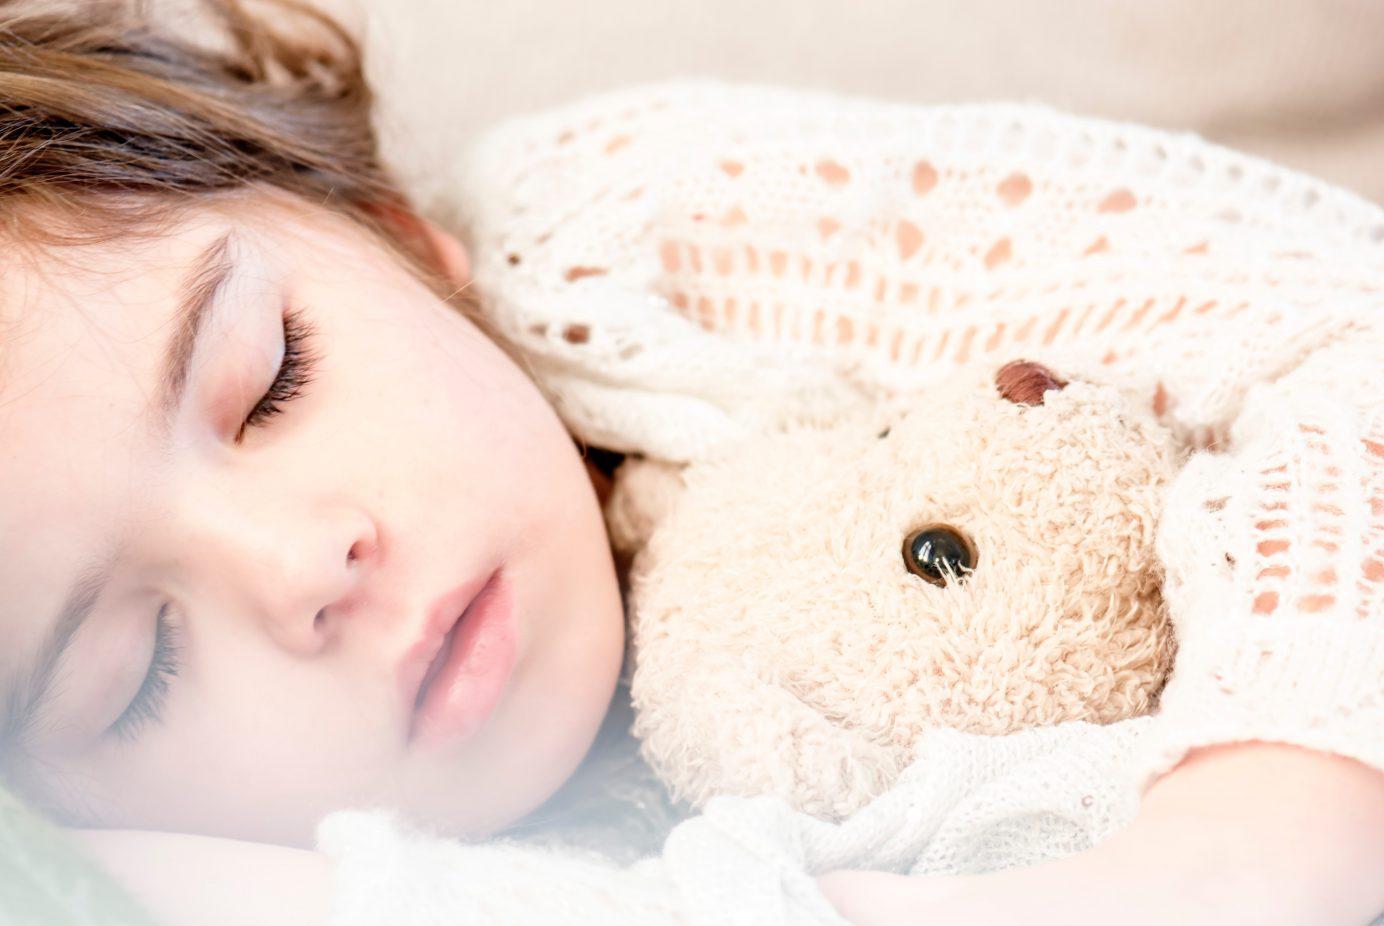 大腦和體溫是關鍵!從今天開始讓你擁有優質睡眠的○○方法是!?